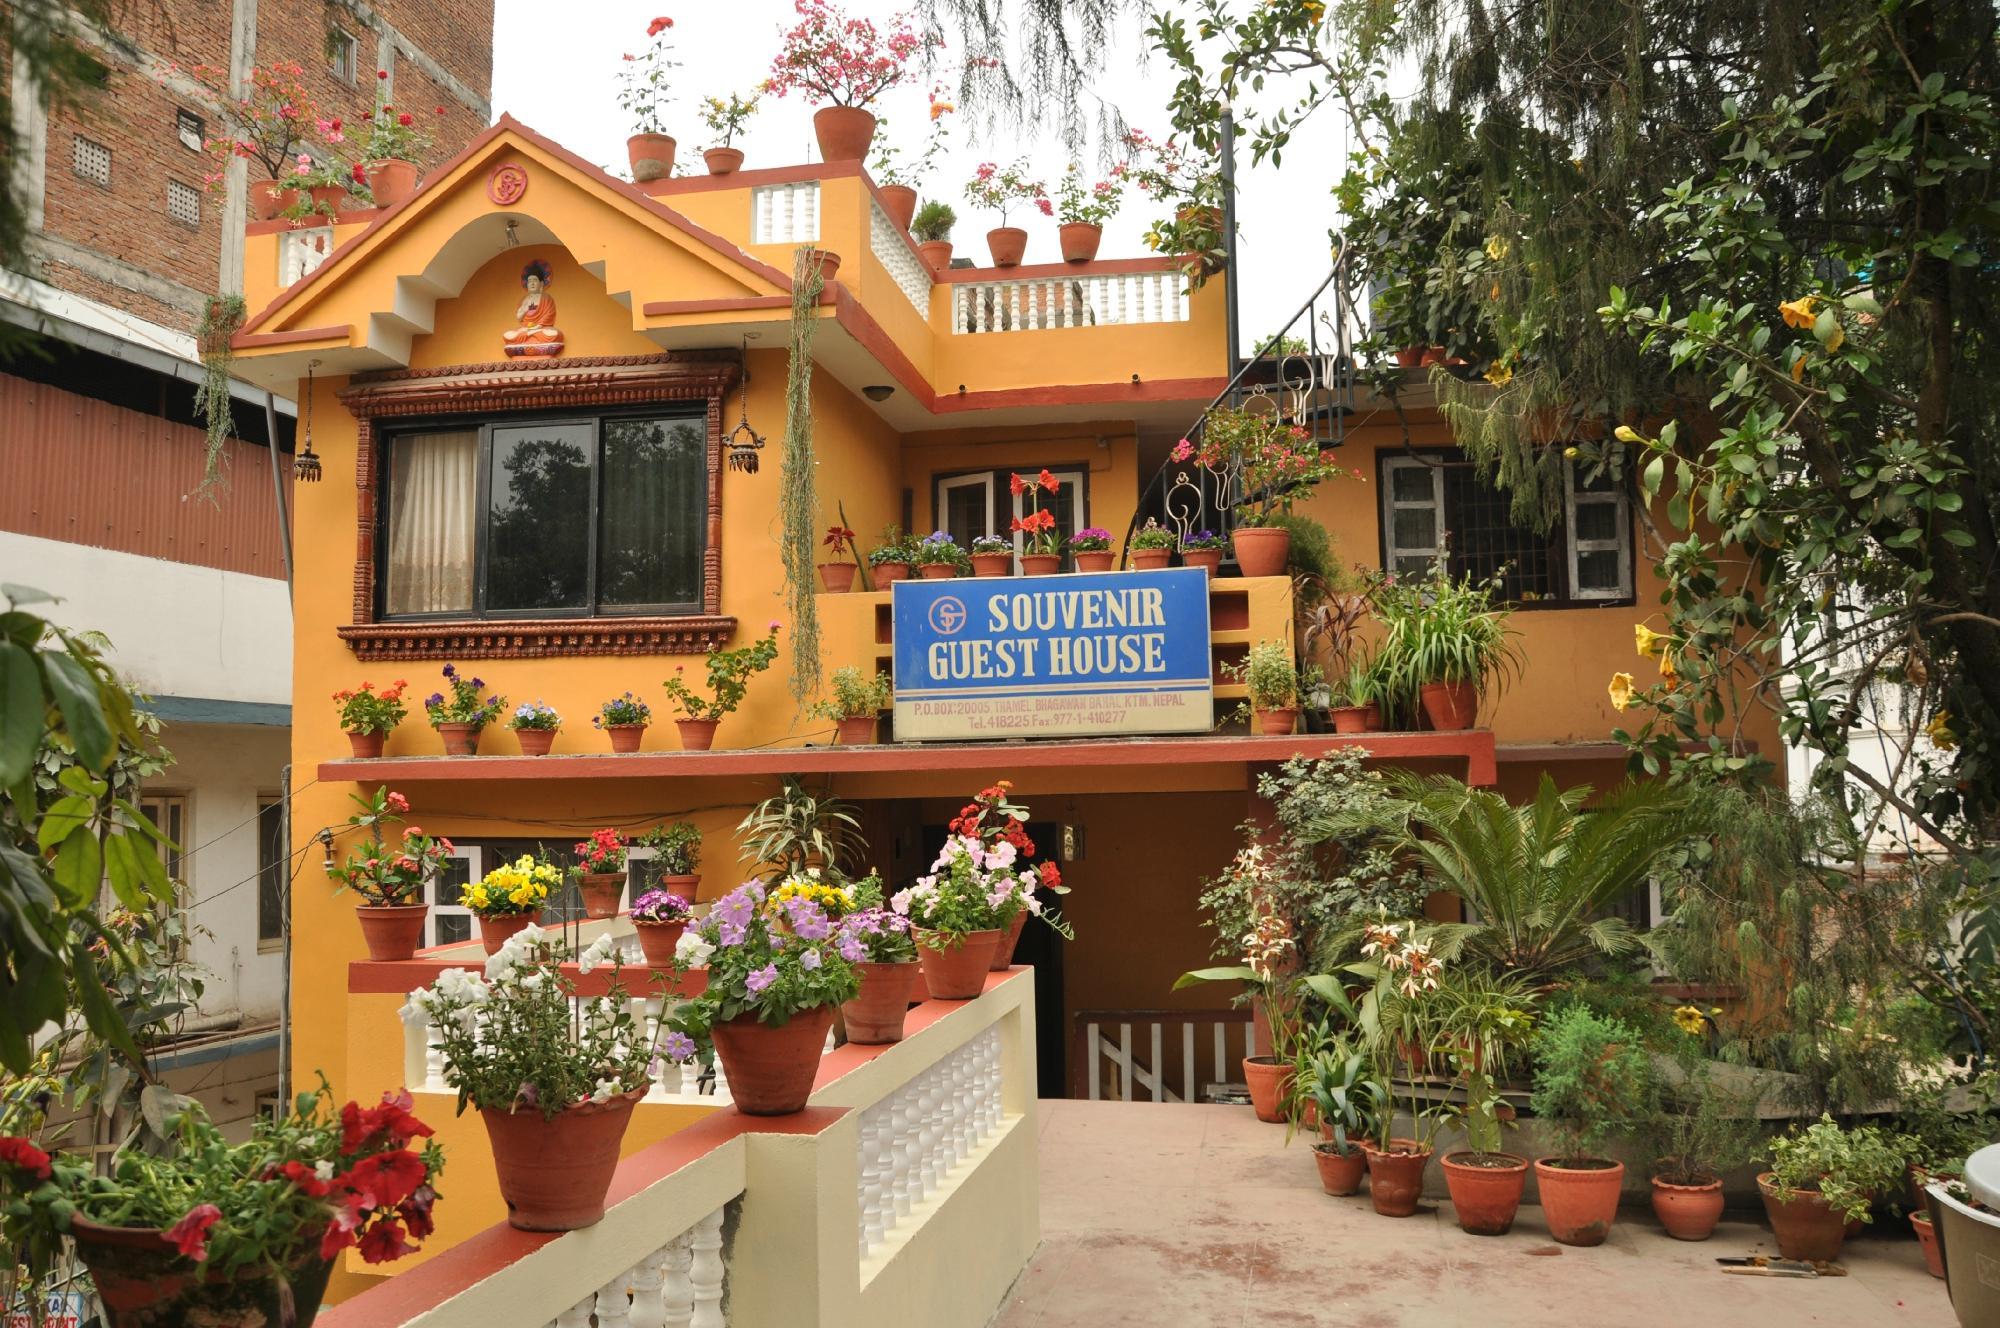 Souvenir Guest House & Restaurant